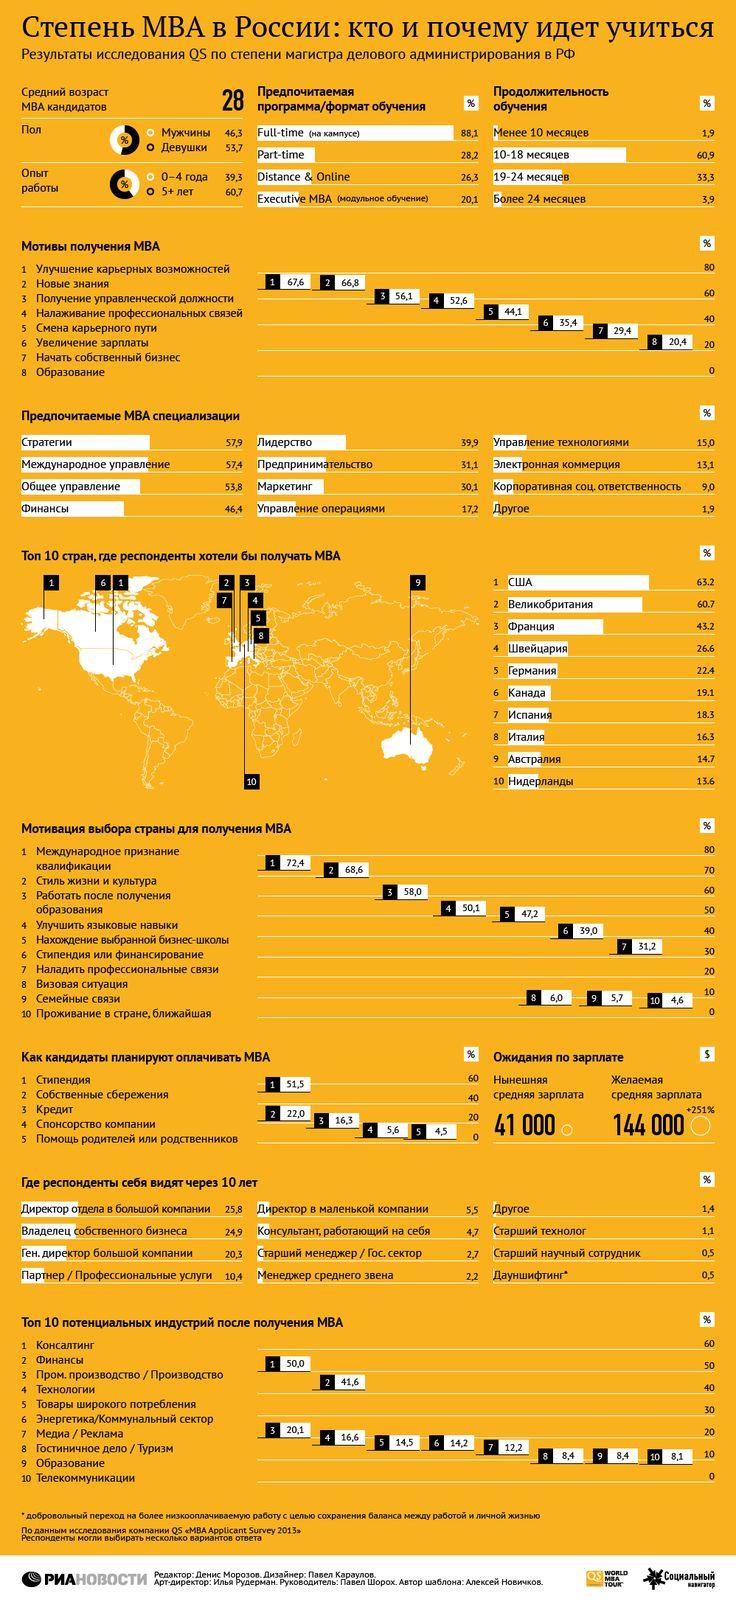 Степень МВА в РФ: кто и почему идет учиться | РИА Новости